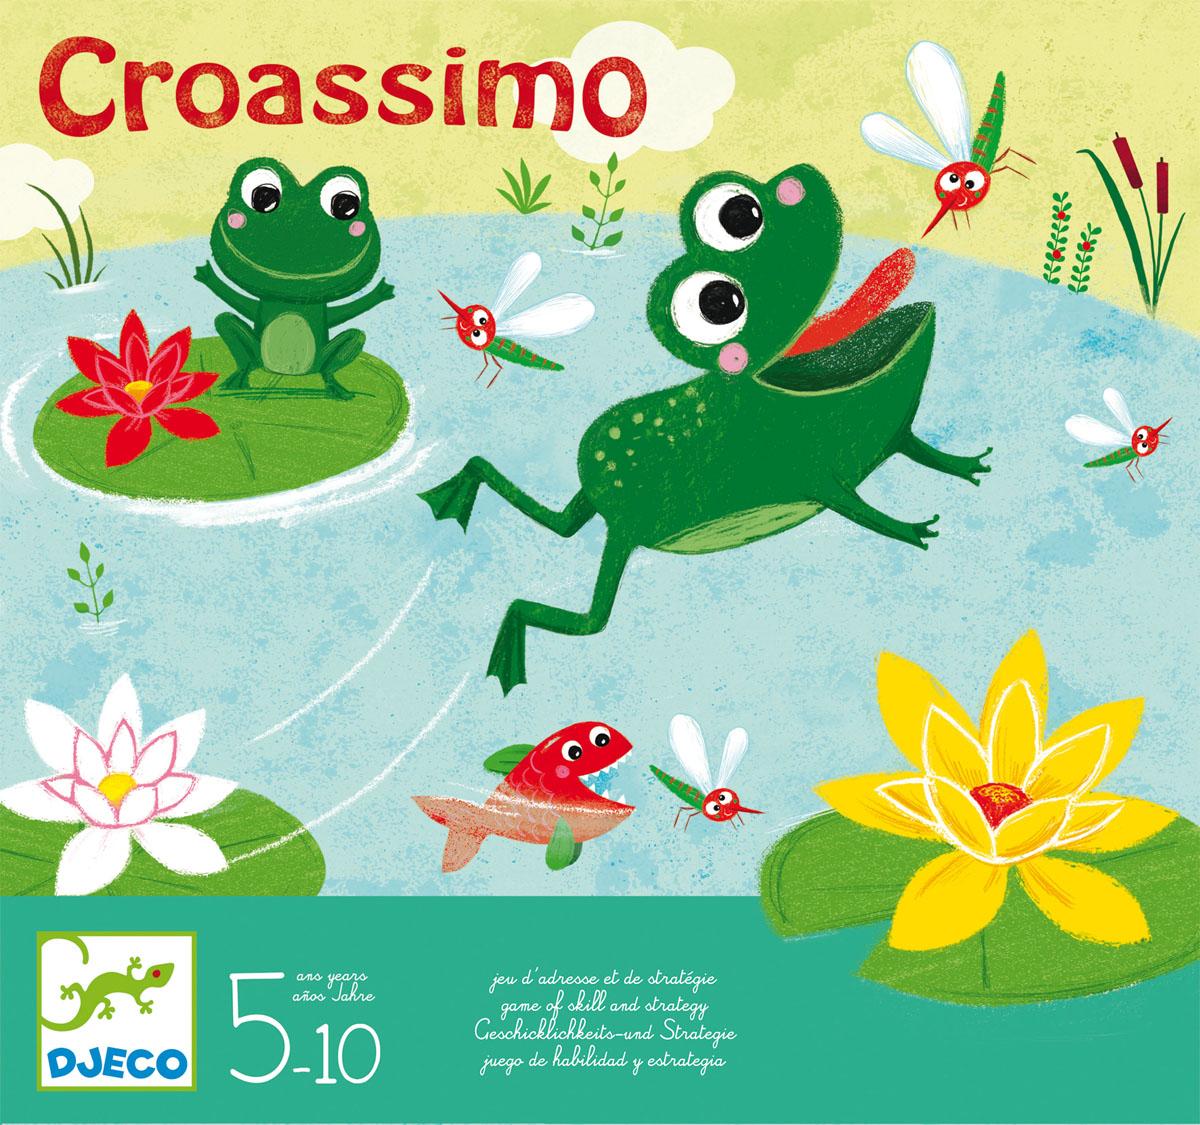 Djeco Настольная игра Кроассимо08433Настольная игра Кроассимо от Джеко – веселая настольная игра с забавными лягушатами, которая станет прекрасным развлечением для детей. Игровое поле представляет собой пруд с лягушатами и рыбками. Лягушки прыгают с лилии на лилию для того, чтобы поесть комаров. Однако, игрокам стоит быть очень осторожными - голодные рыбы пытаются украсть их ужин и могут оставить лагушат без лакомства! В наборе: 4 фишки, 4 карточки с лилиями, карточки с комарами. Набор продается в яркой подарочной коробке.